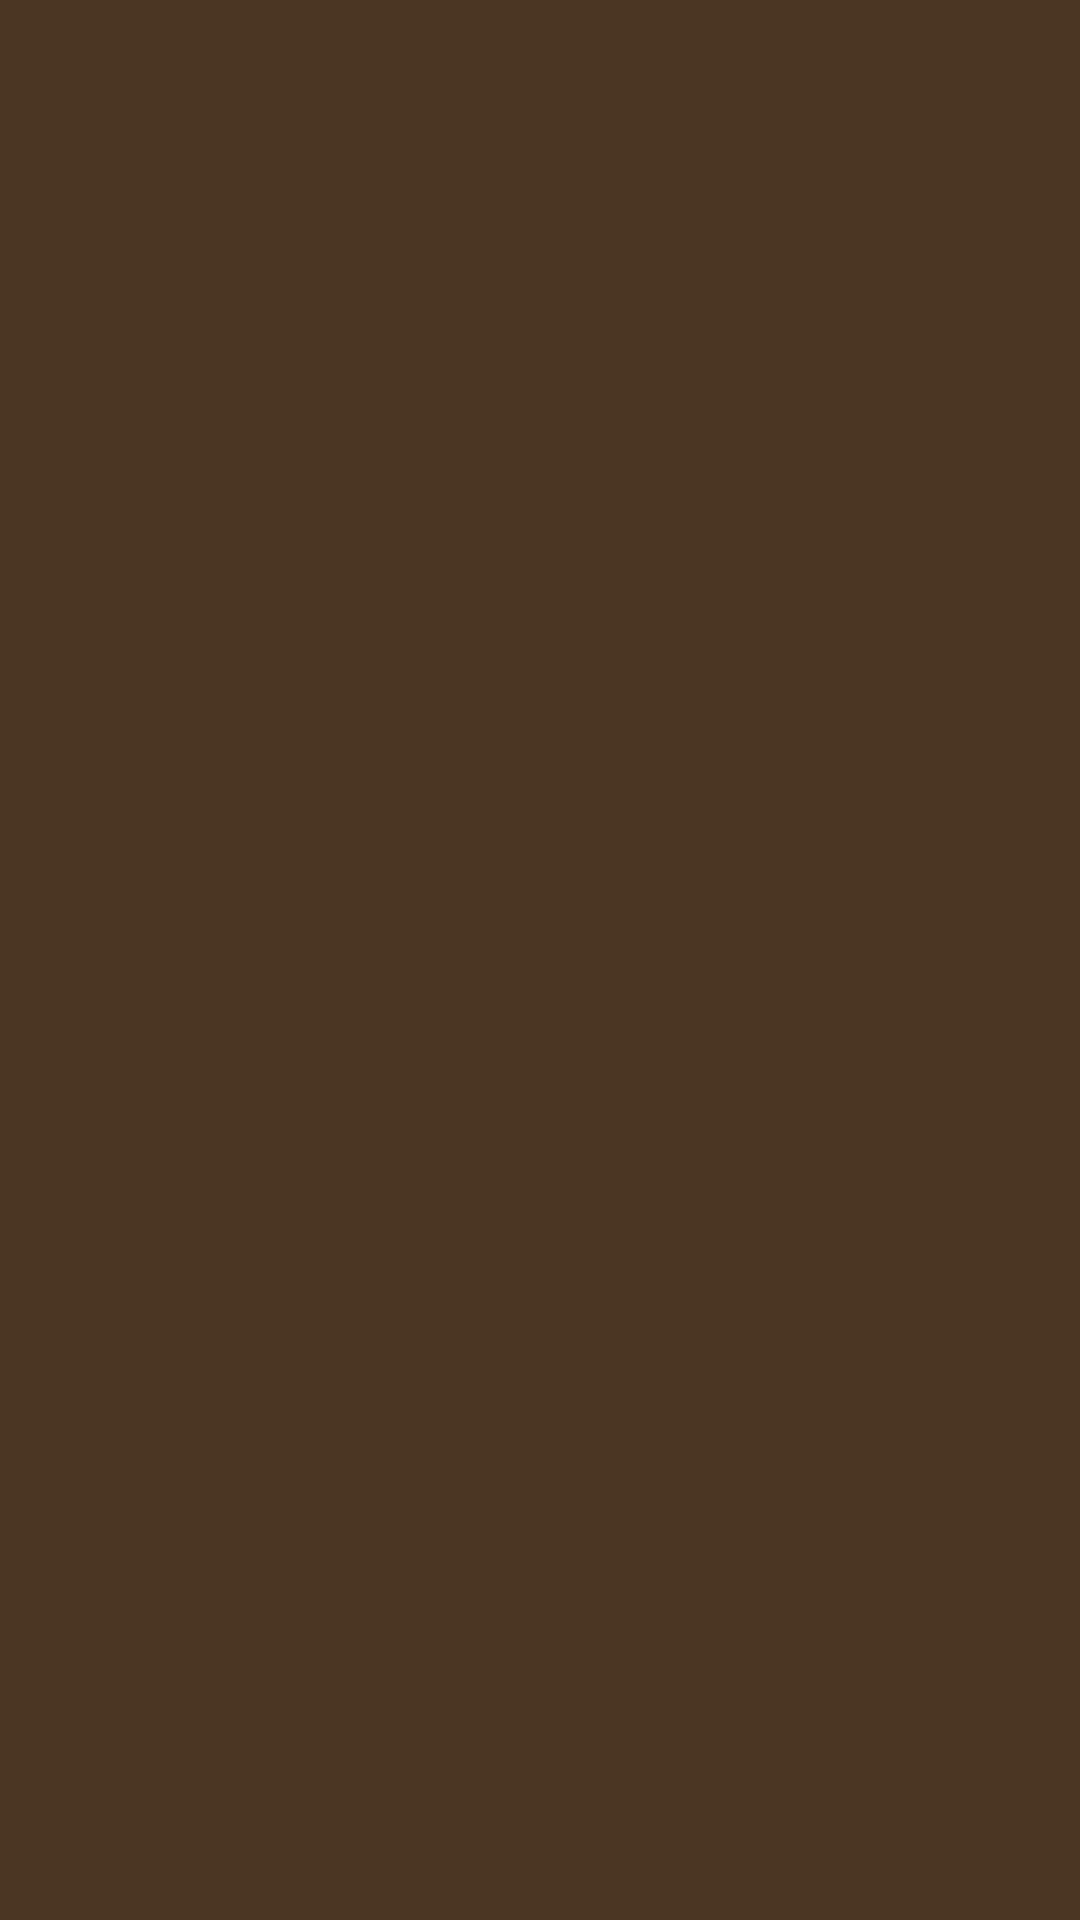 1080x1920 Cafe Noir Solid Color Background